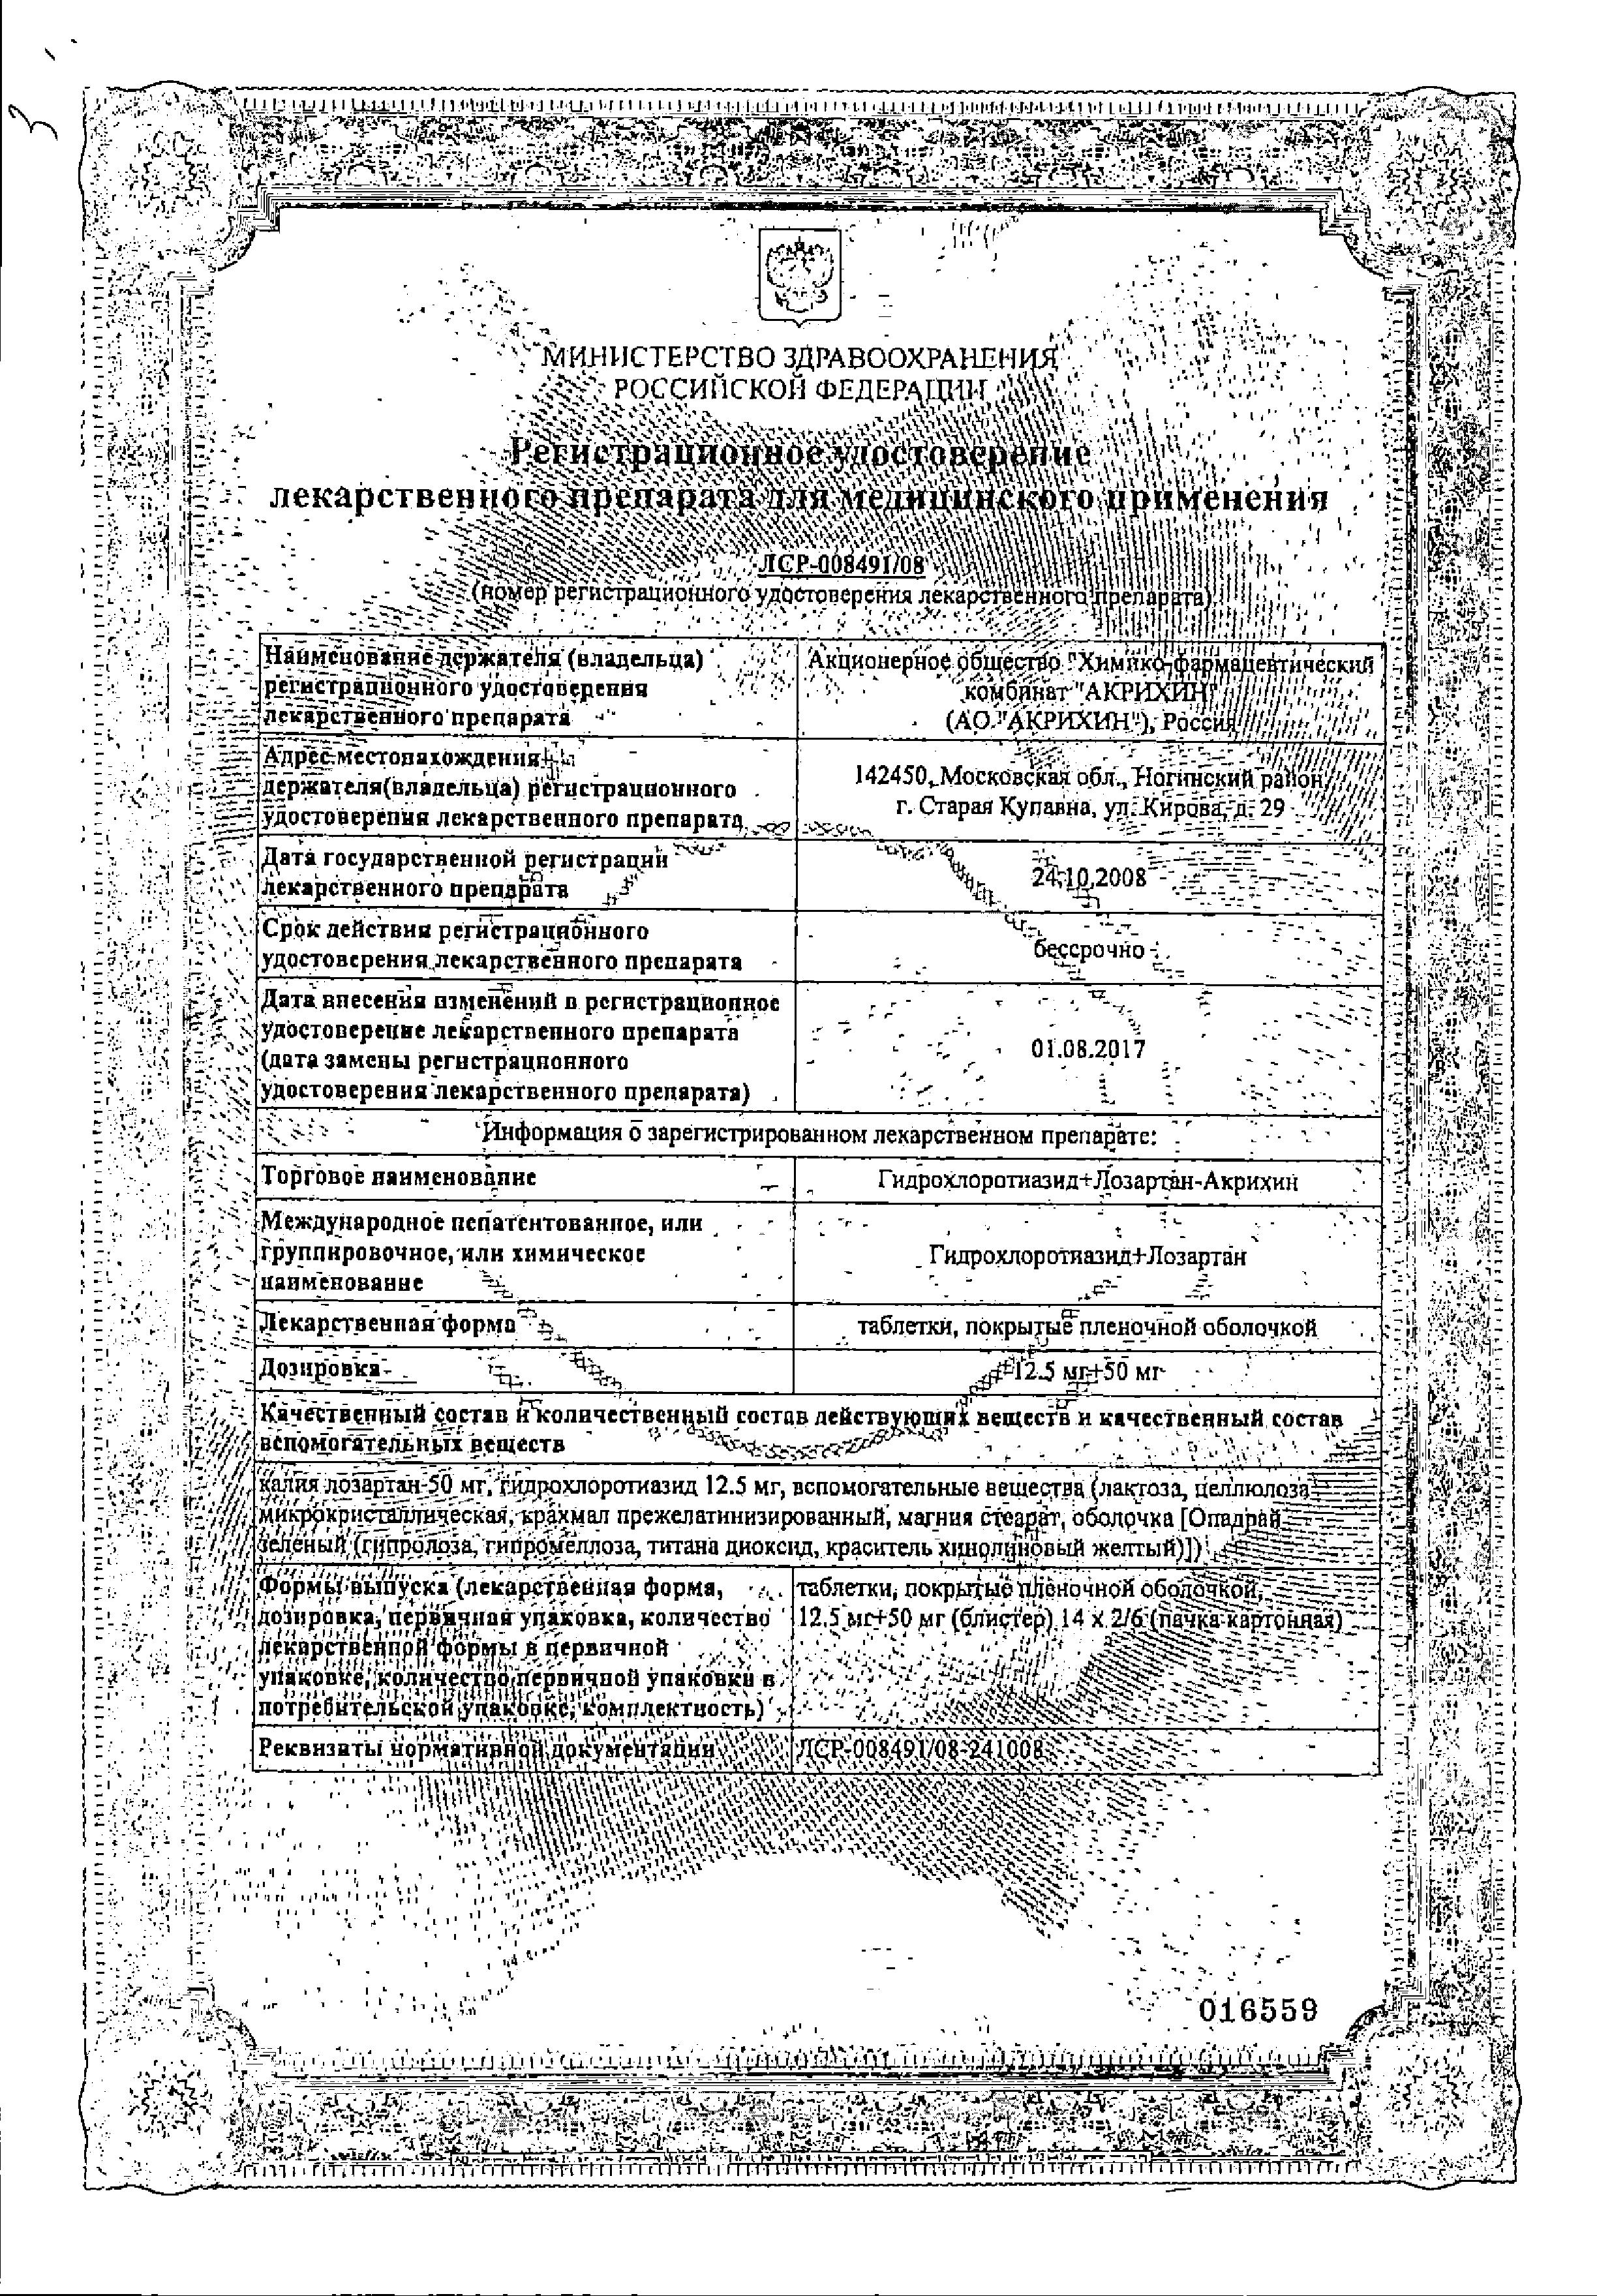 Гидрохлоротиазид-лозартан-акрихин сертификат